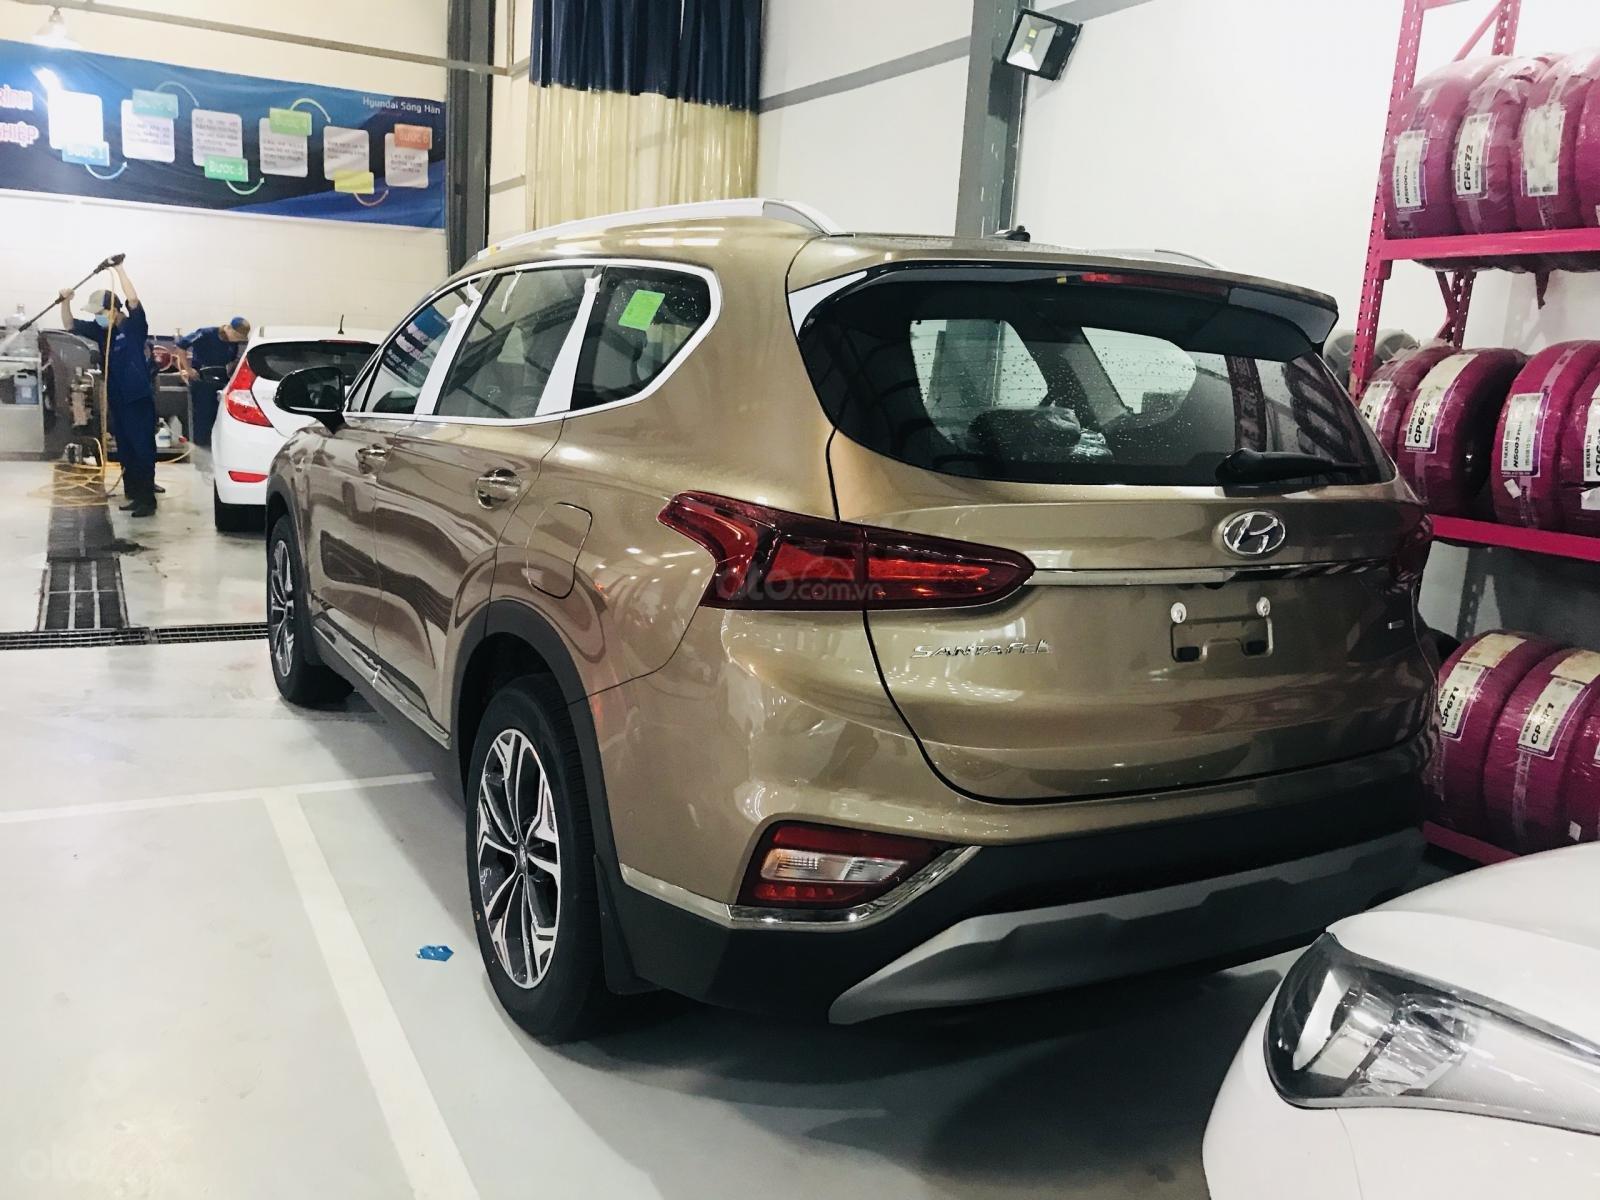 Giao xe ngay, khuyến mãi 30 triệu phụ kiện với Hyundai Santa Fe 2019, hotline 0974 064 605 (4)